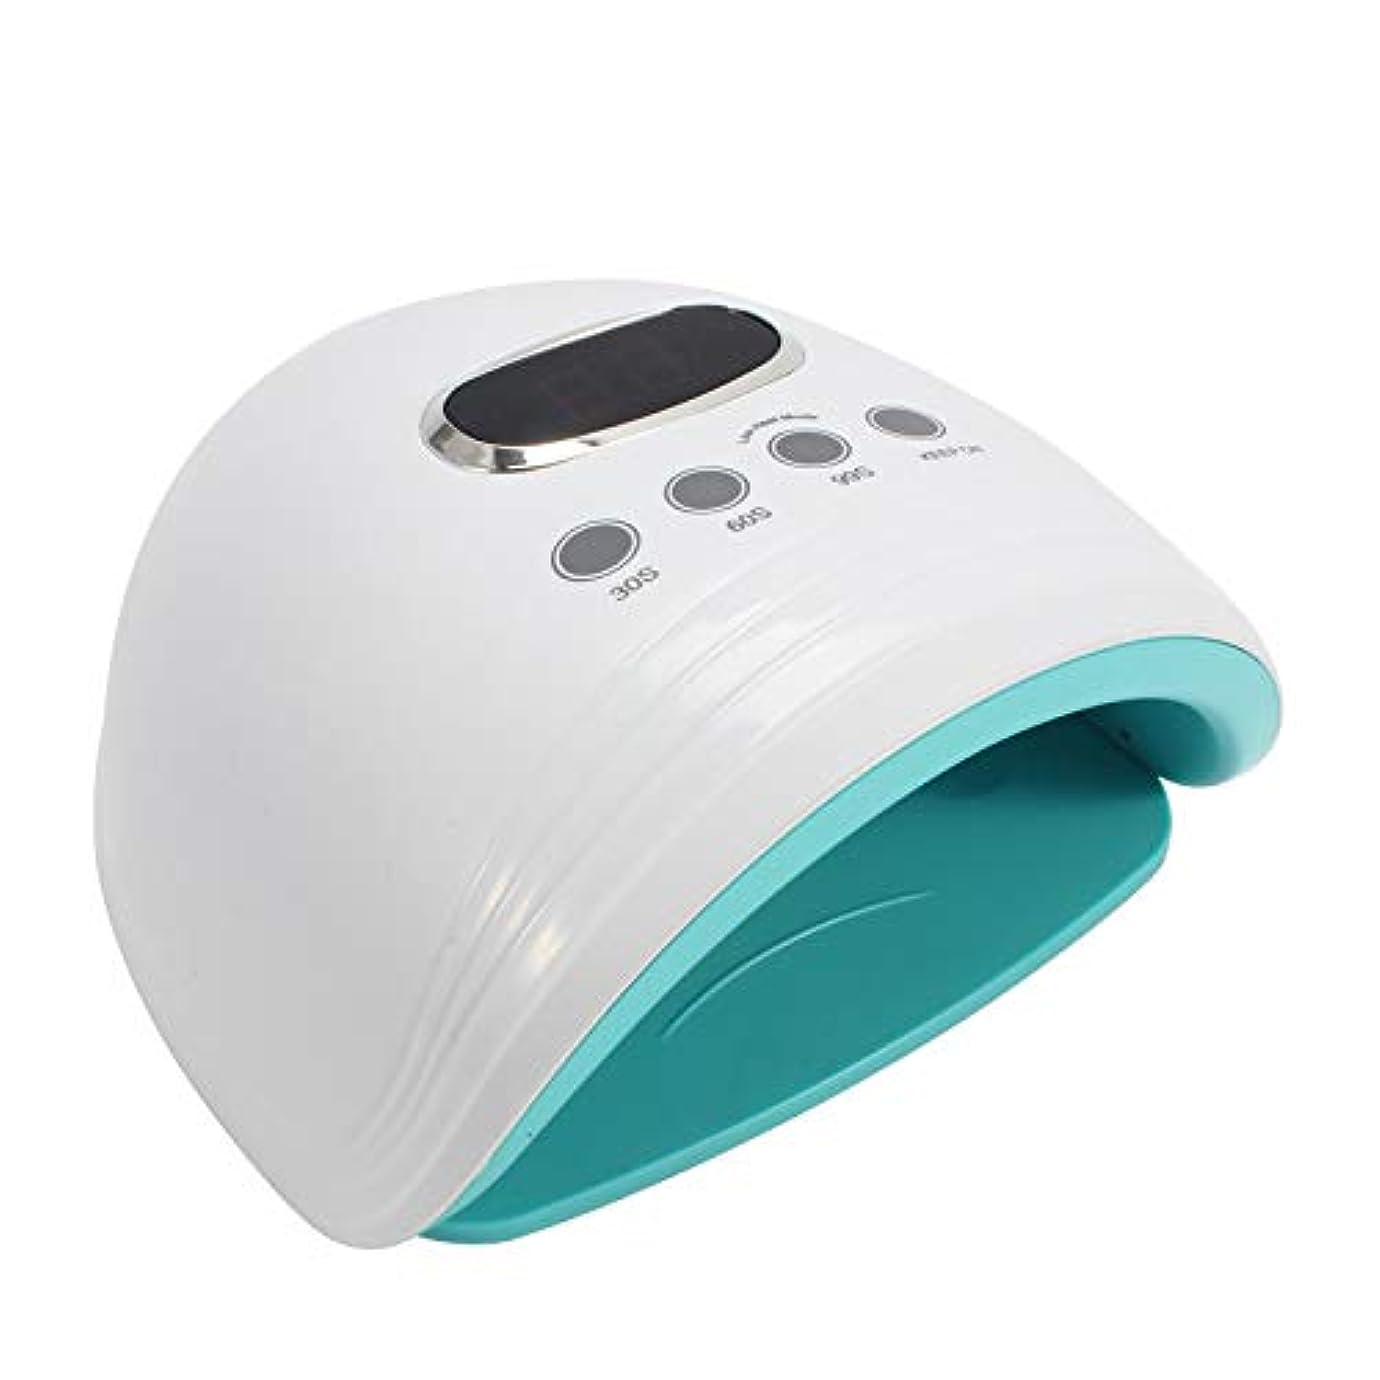 クロール安らぎ誘惑ネイルドライヤー-30ランプビーズ60ワットハイパワー10秒速乾性知能センサー光線療法機